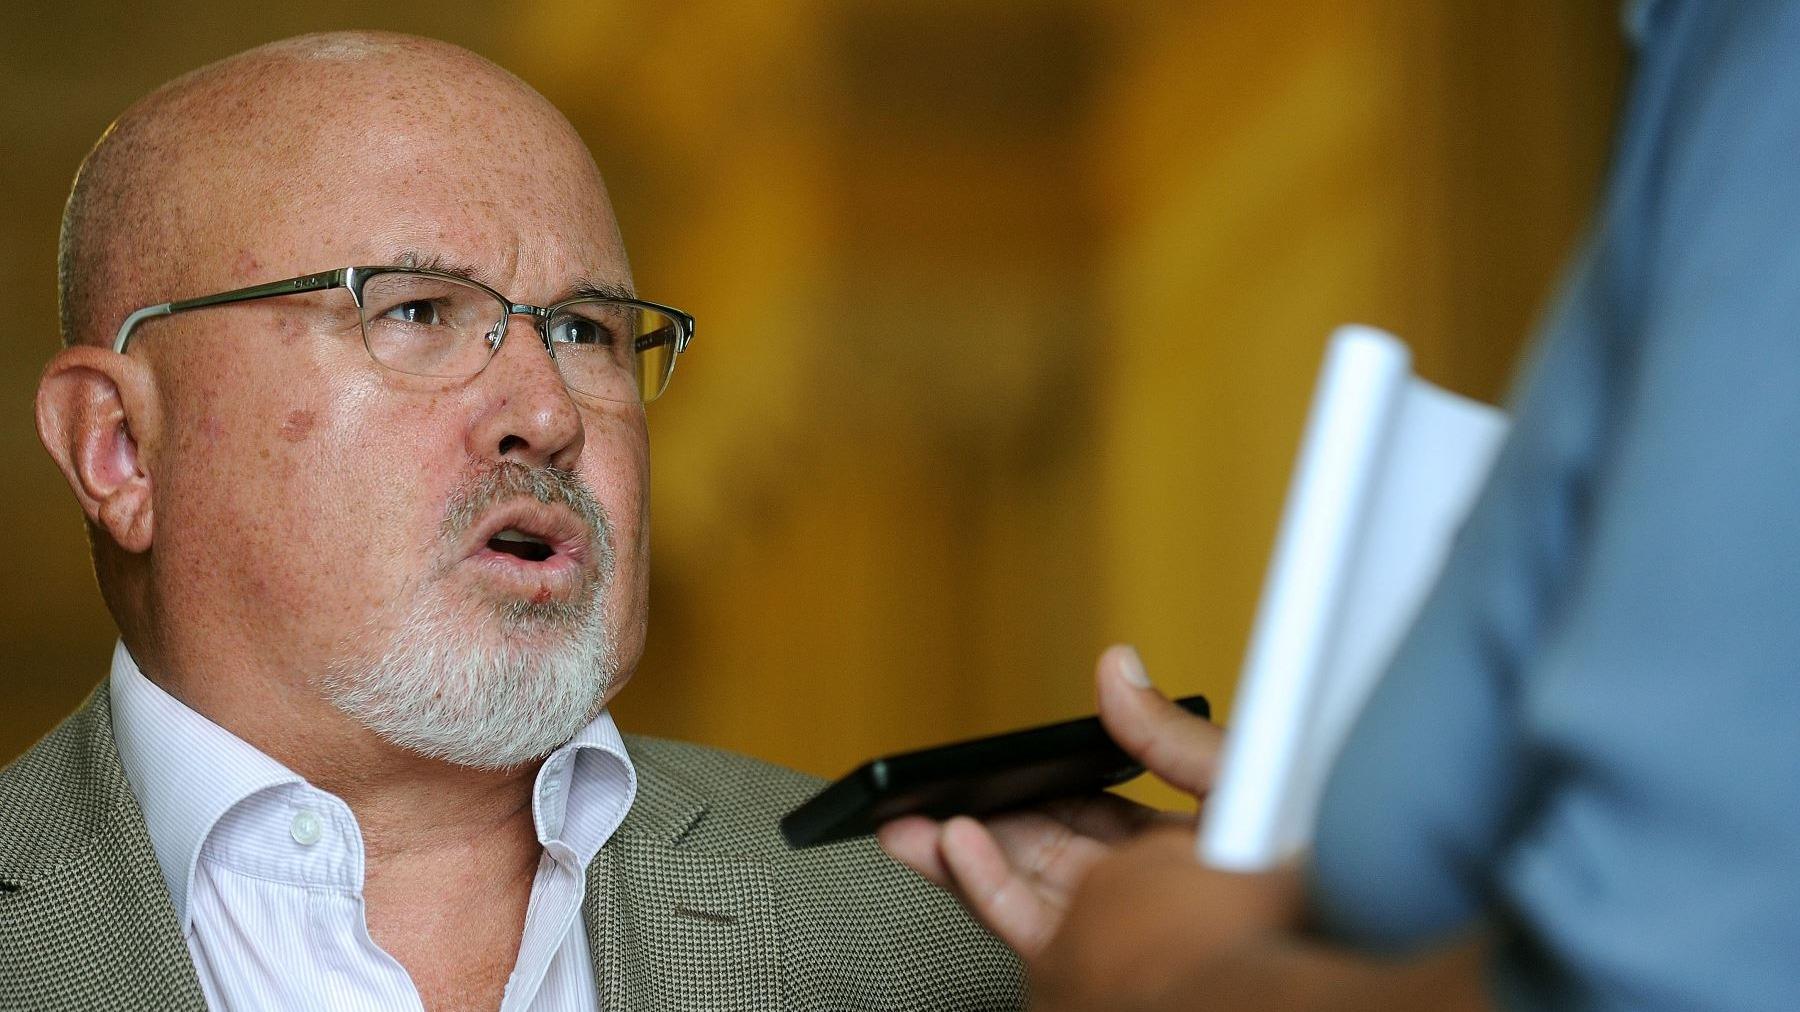 El parlamentario comentó que la acusación contra Hinostroza podría complicar la situación de otras personas como el fiscal de la Nación Pedro Chávarry.